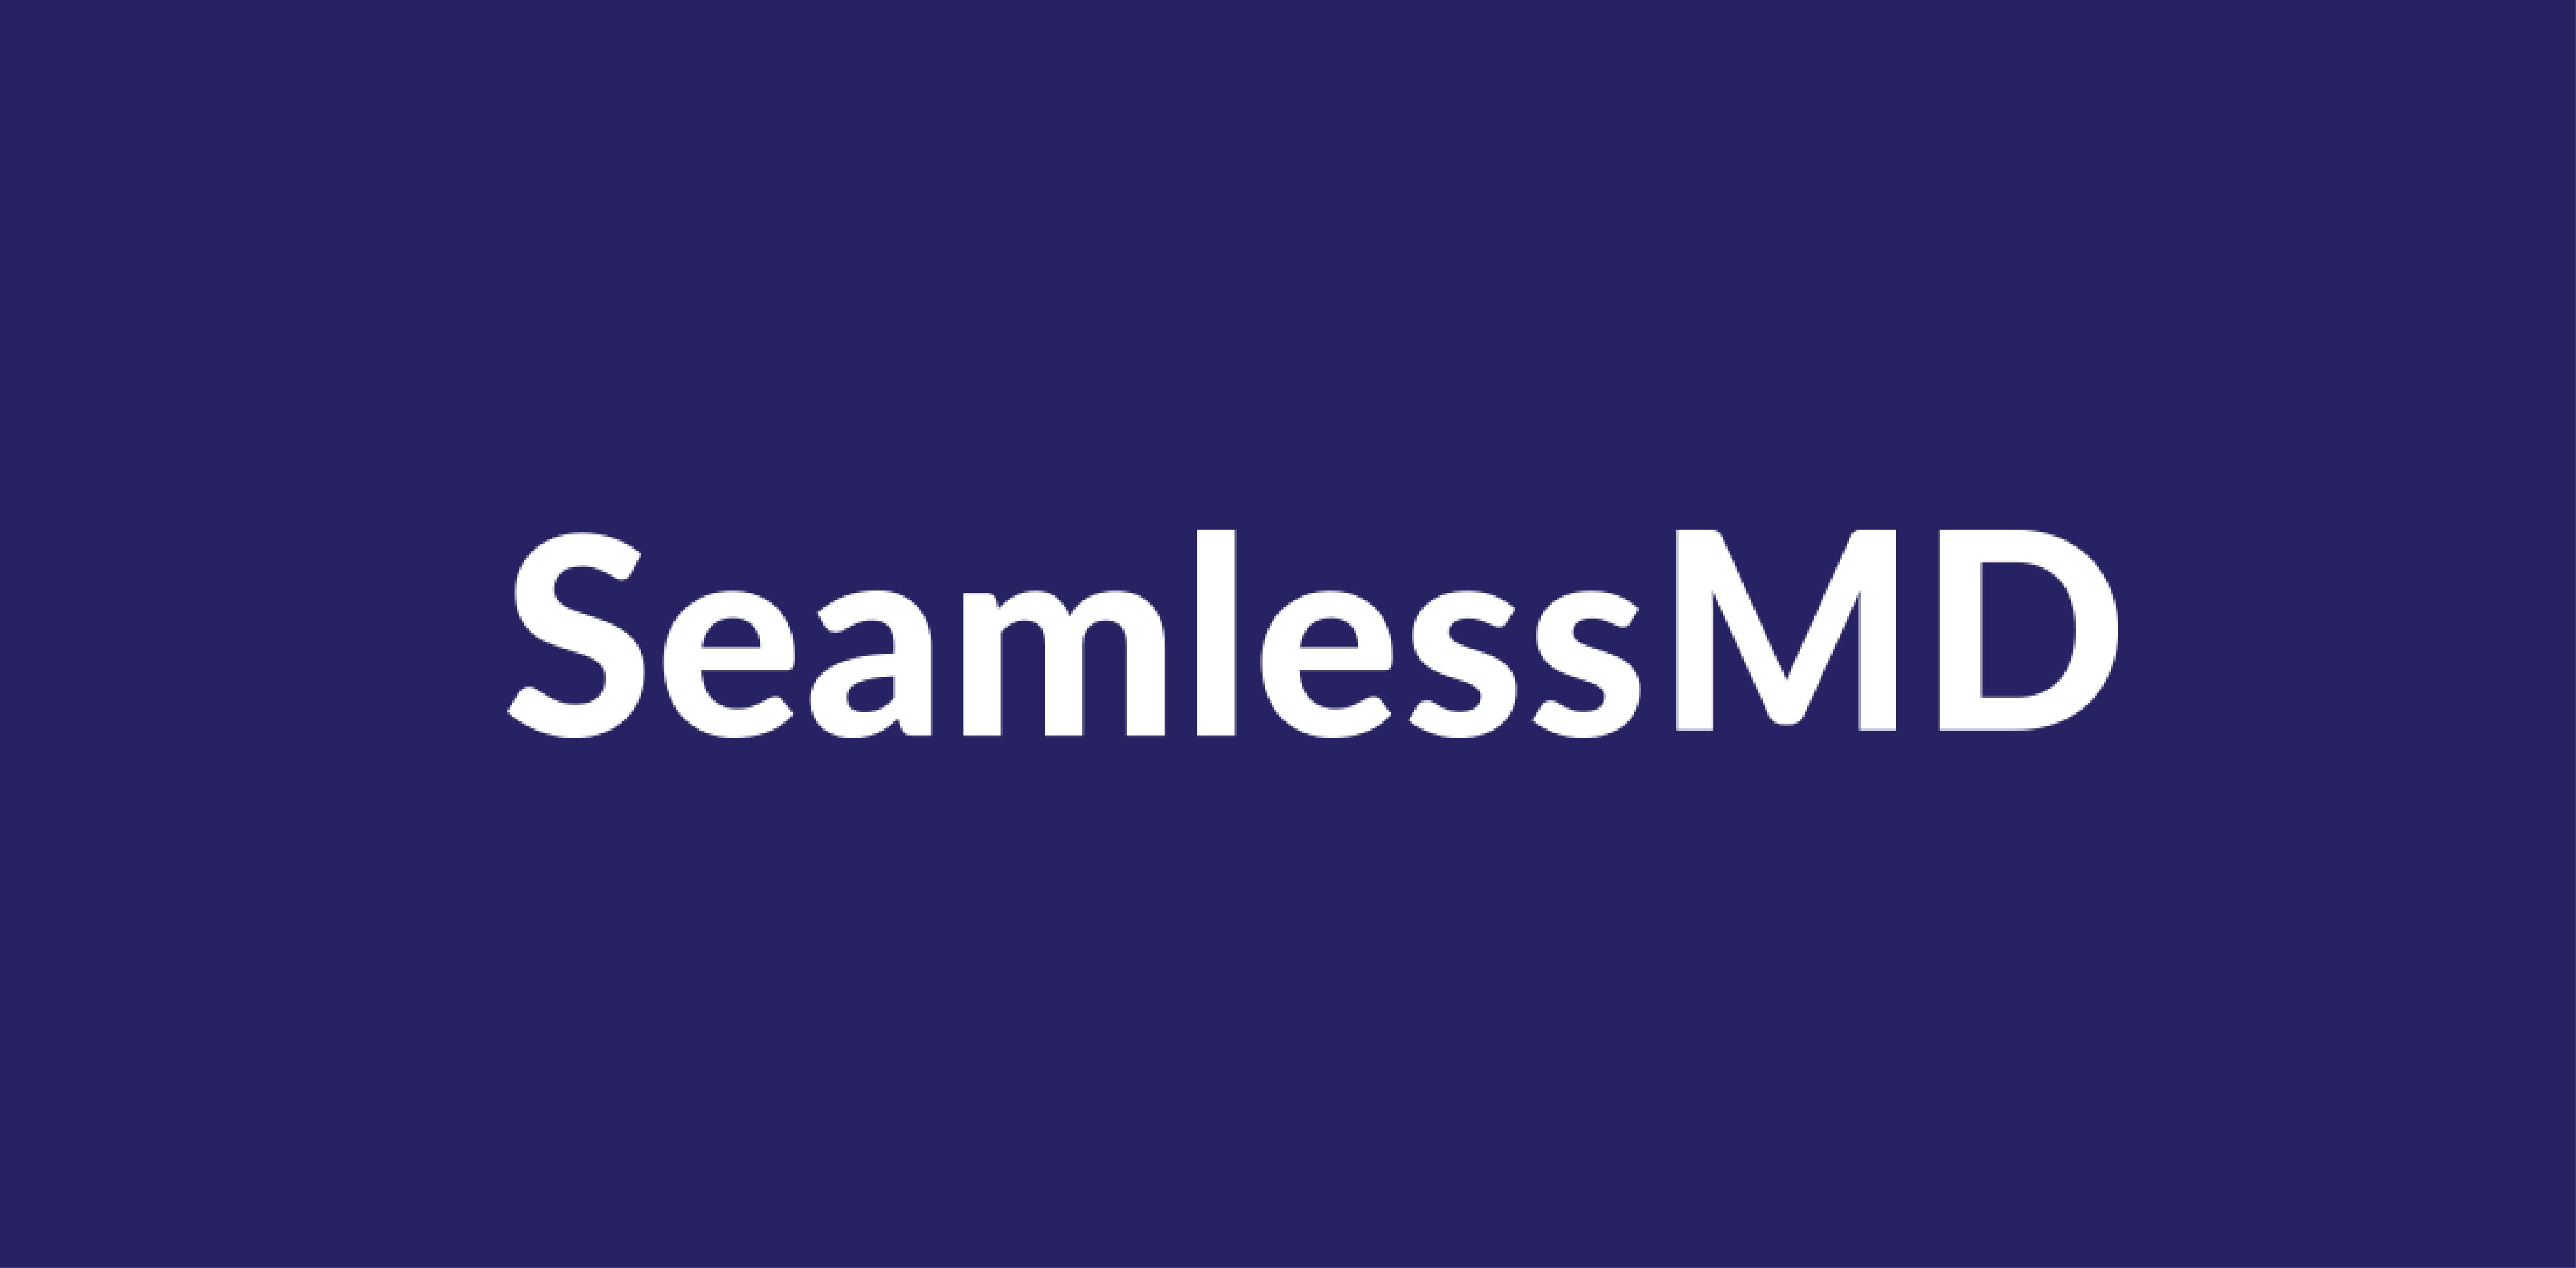 SeamlessMD_Fond_violet